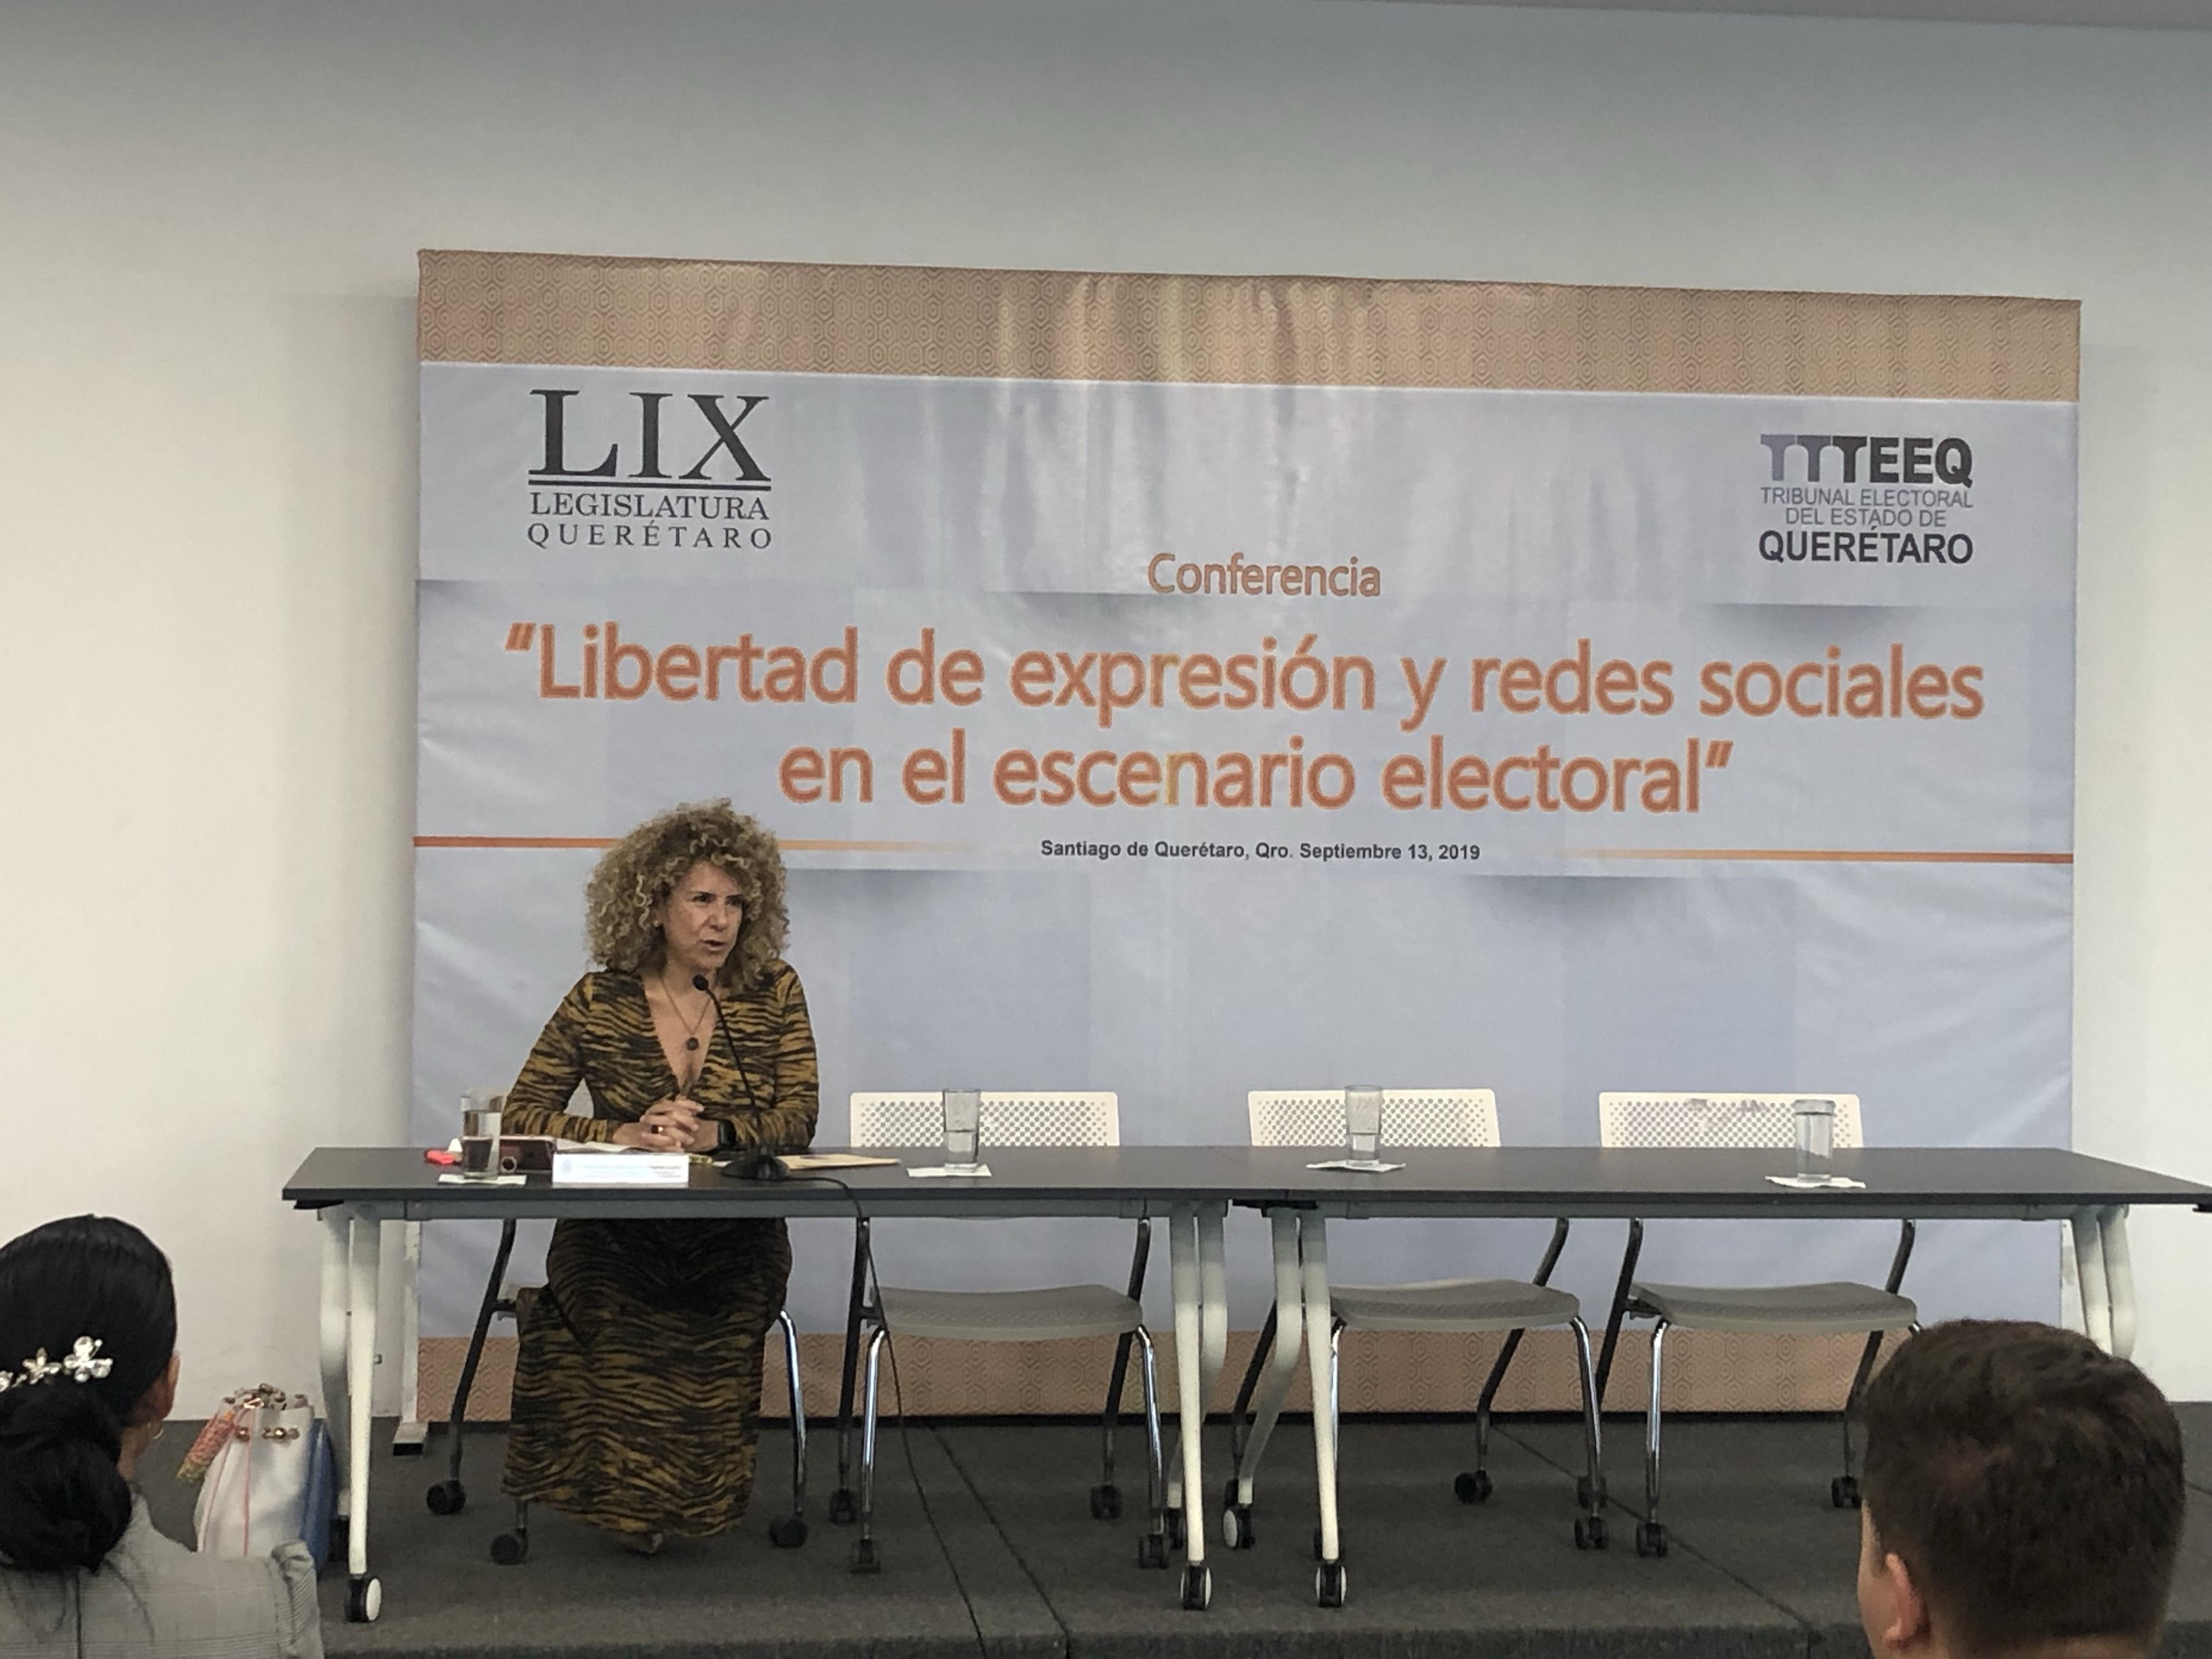 Redes sociales no son armas, sino herramientas para fortalecer procesos electorales